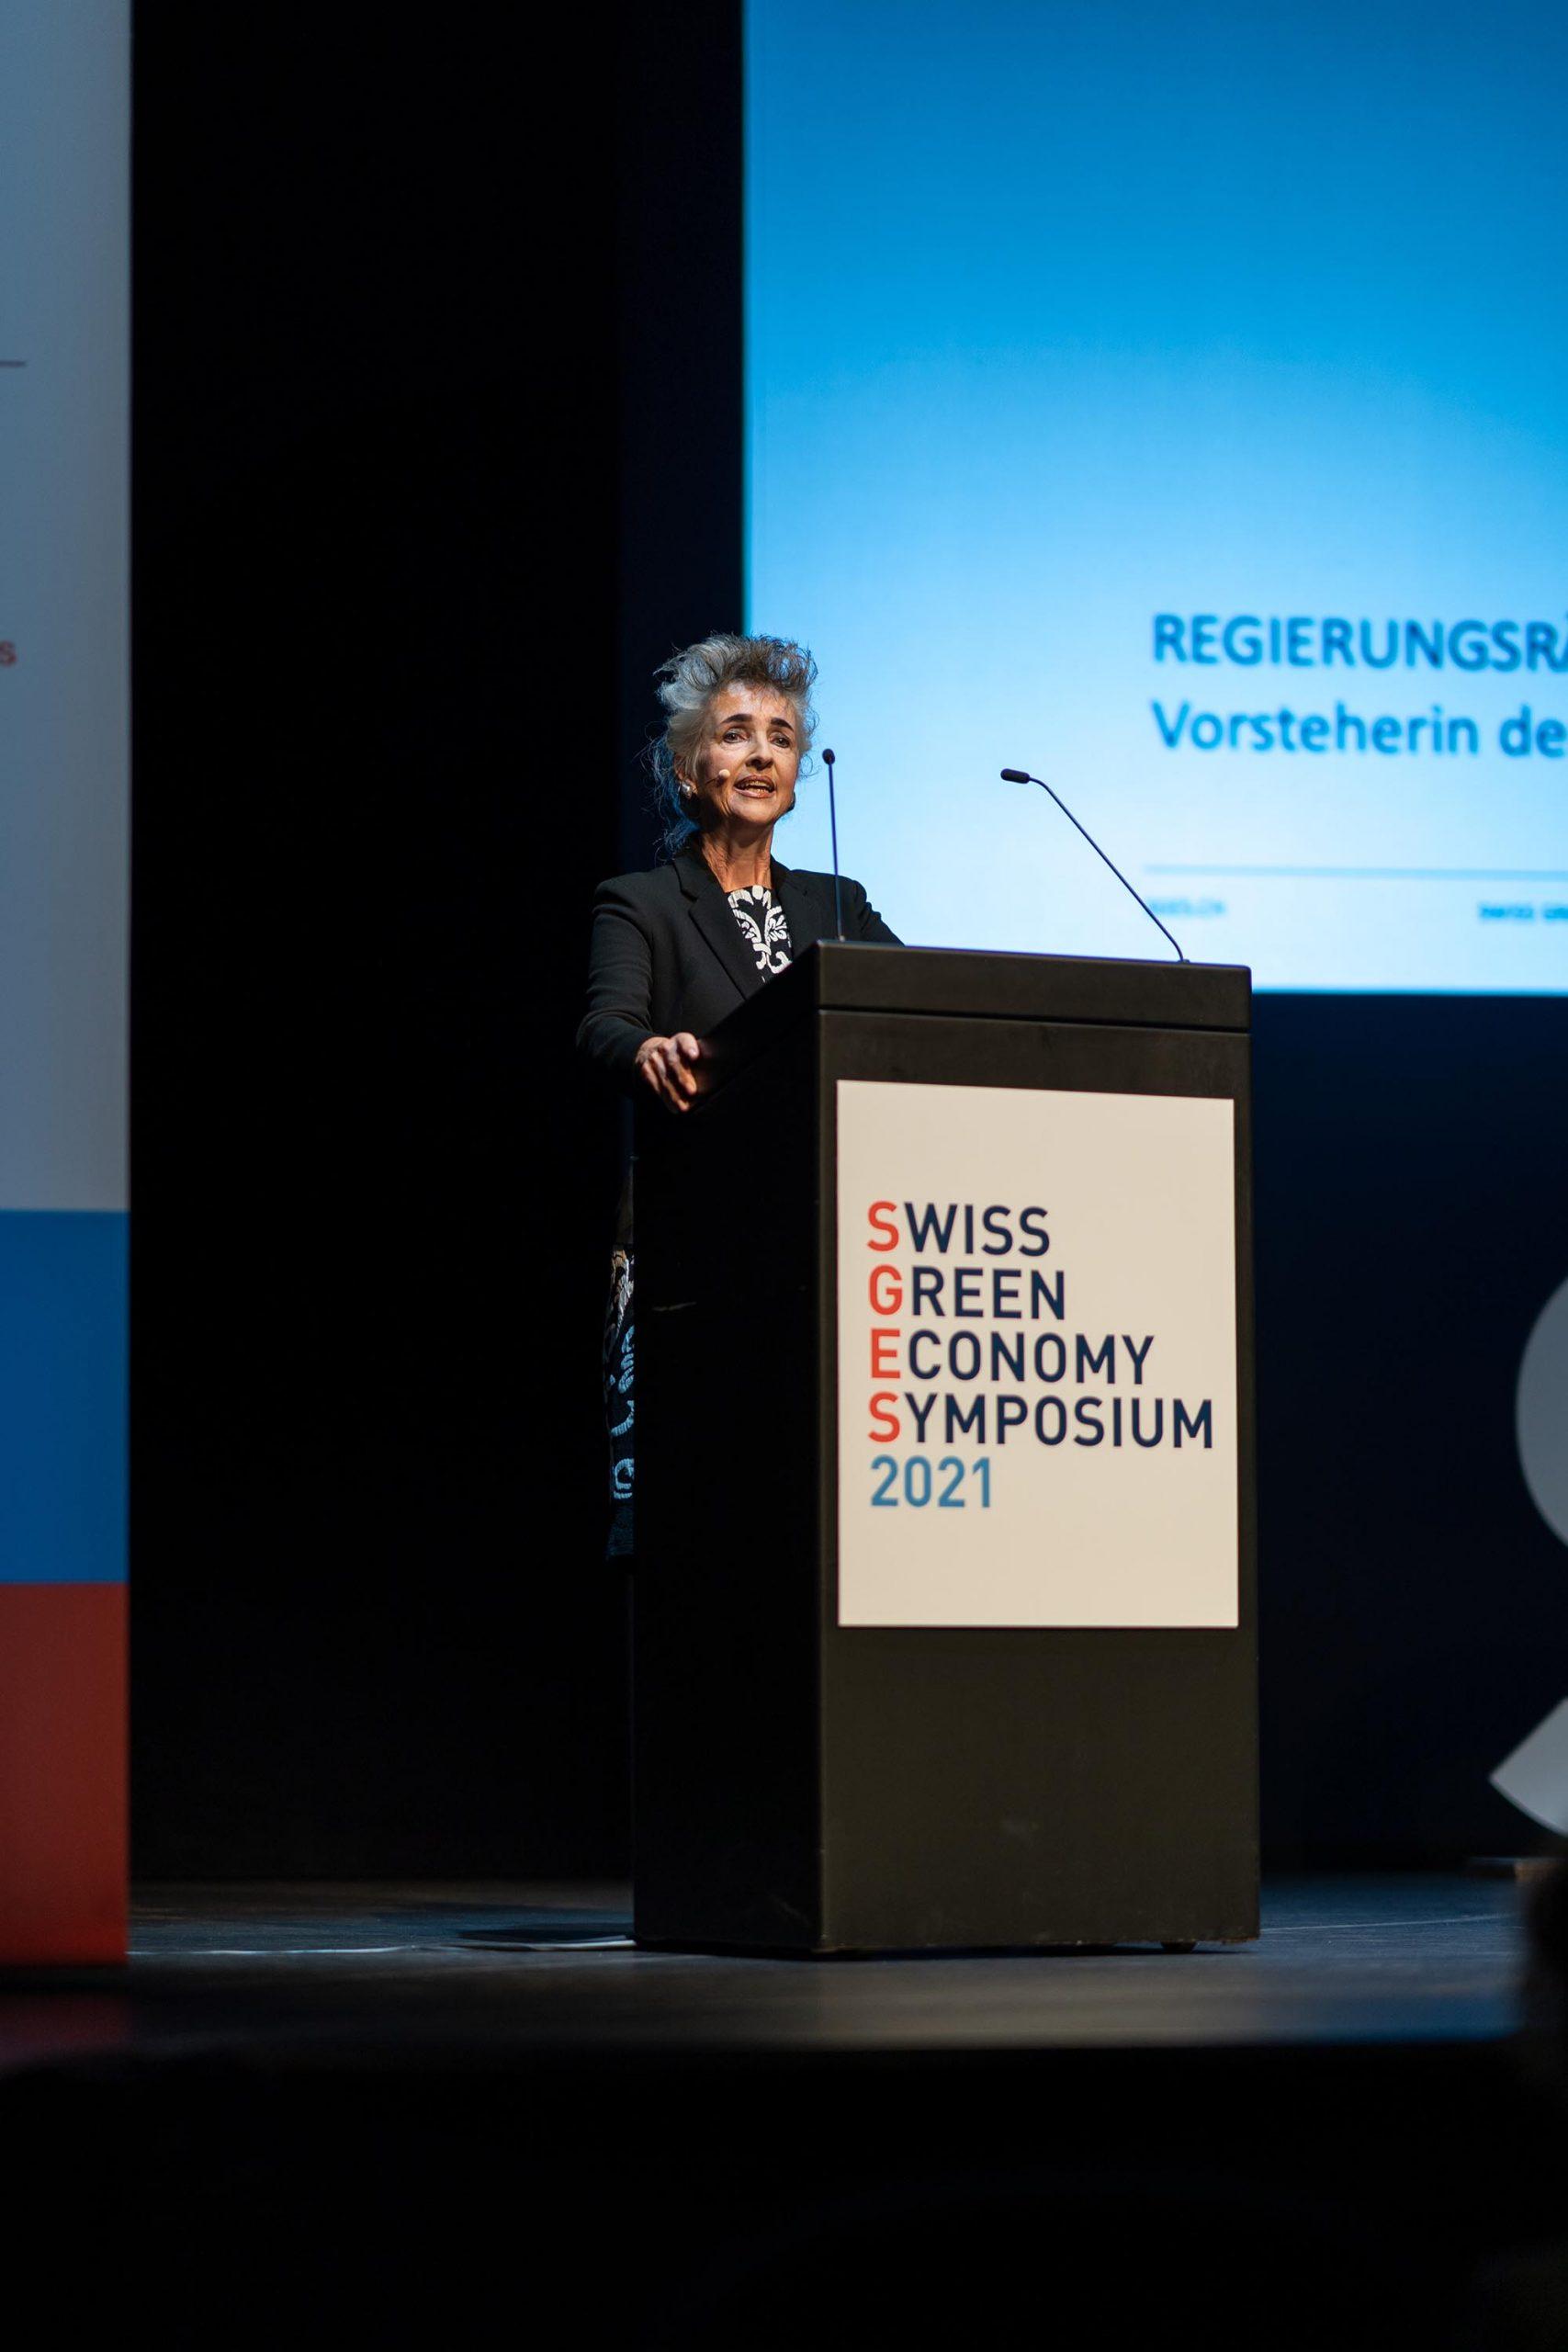 SGES Grusswort: Regierungsrätin Carmen Walker Späh, Vorsteherin der Volkswirtschaftsdirektion des Kantons Zürich